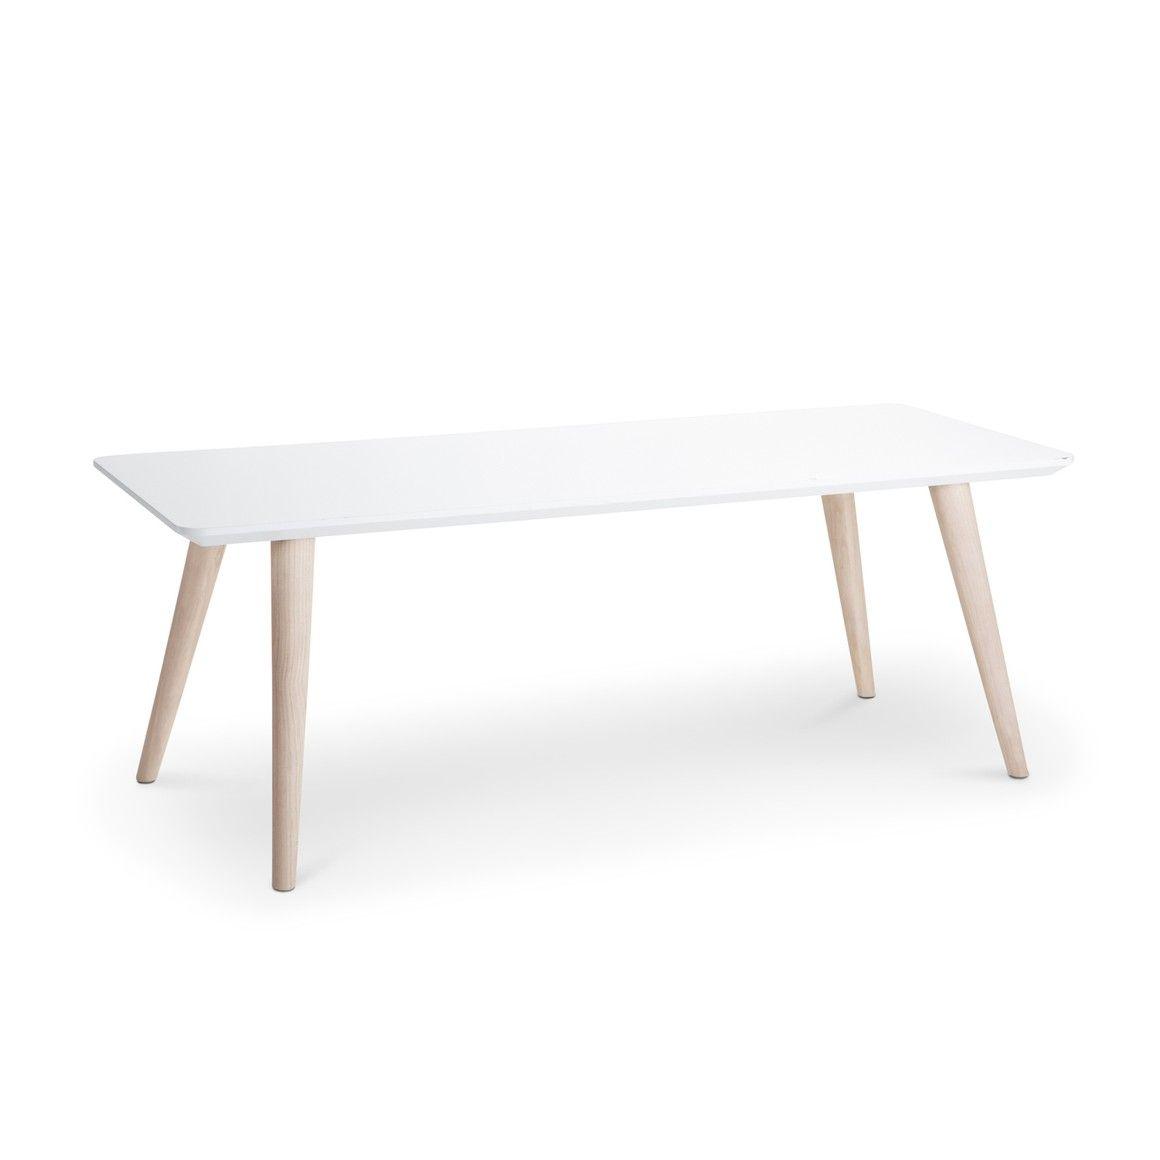 Table Basse Laque Blanc Avec Pieds En Erable Badra Blanc Erable 13584403 0 Clubtisch Tisch Wohnzimmer